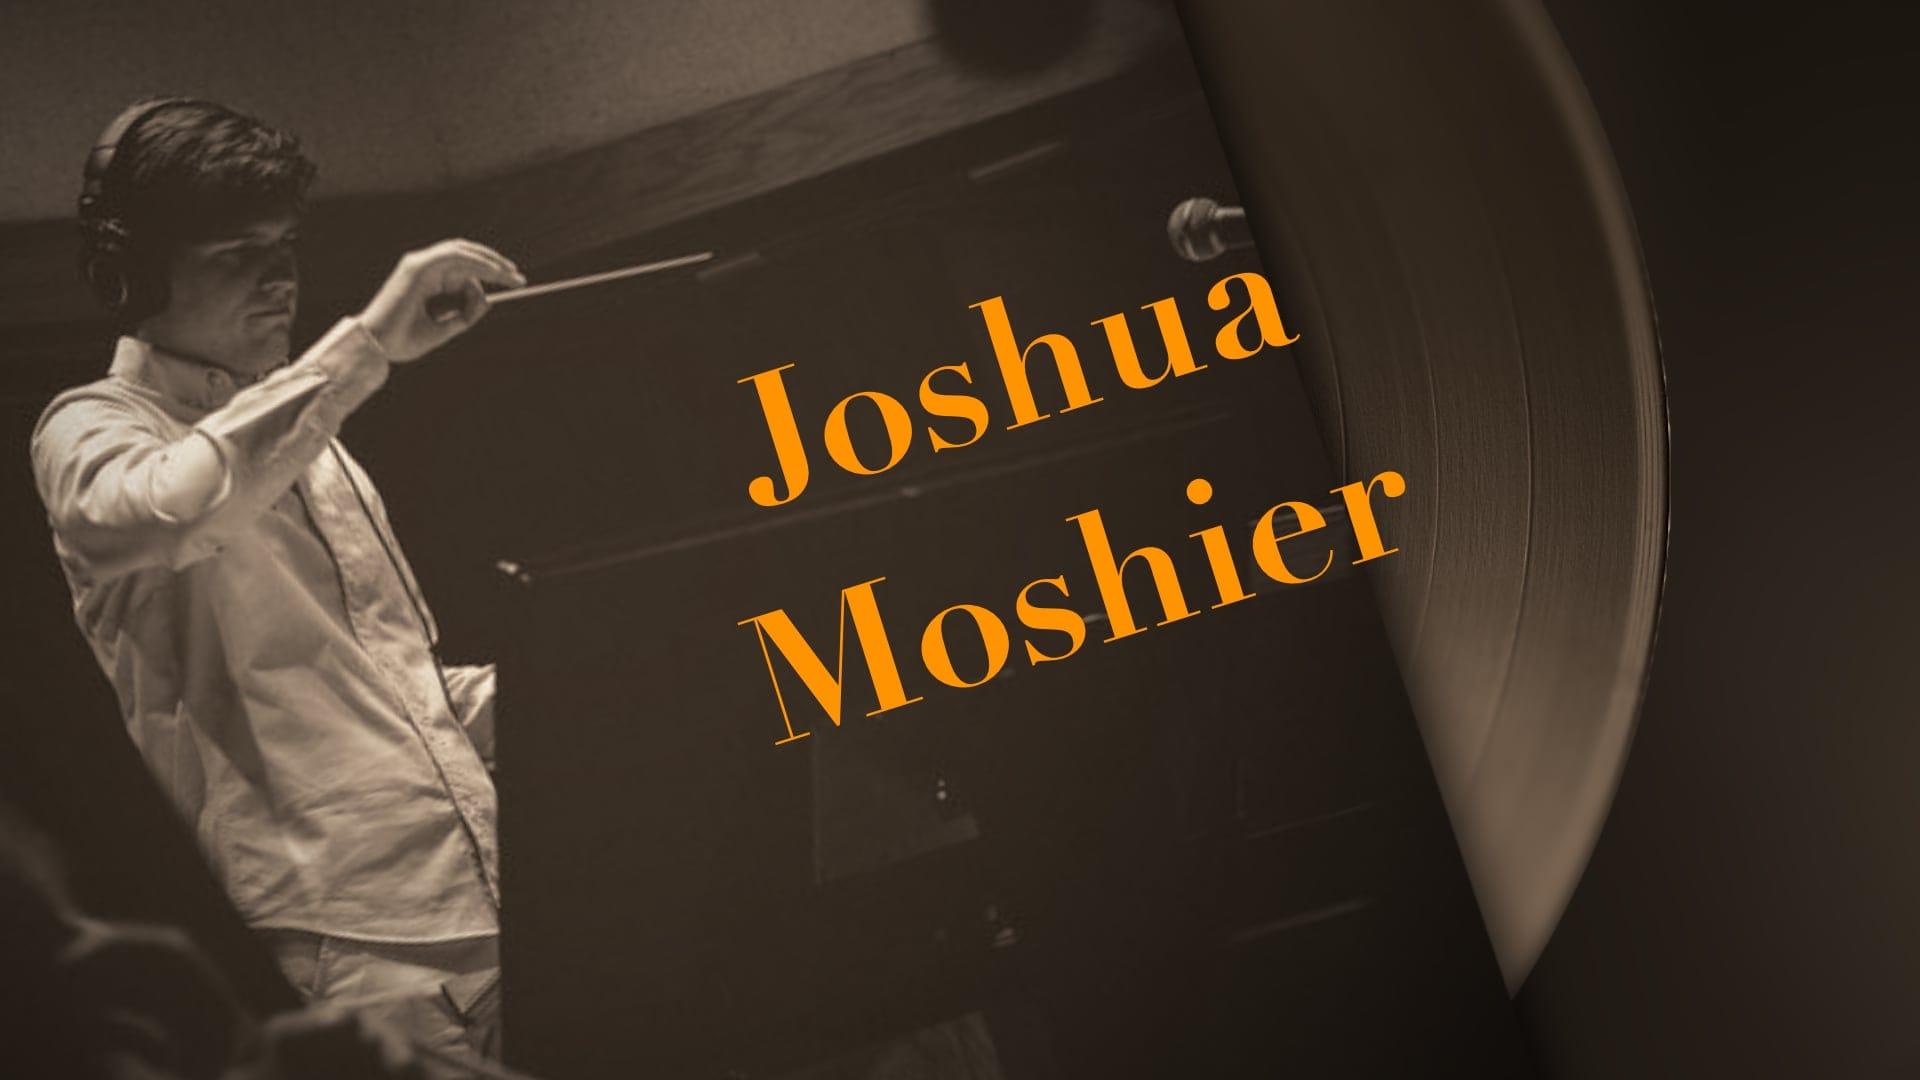 Ellington Joshua Moshier